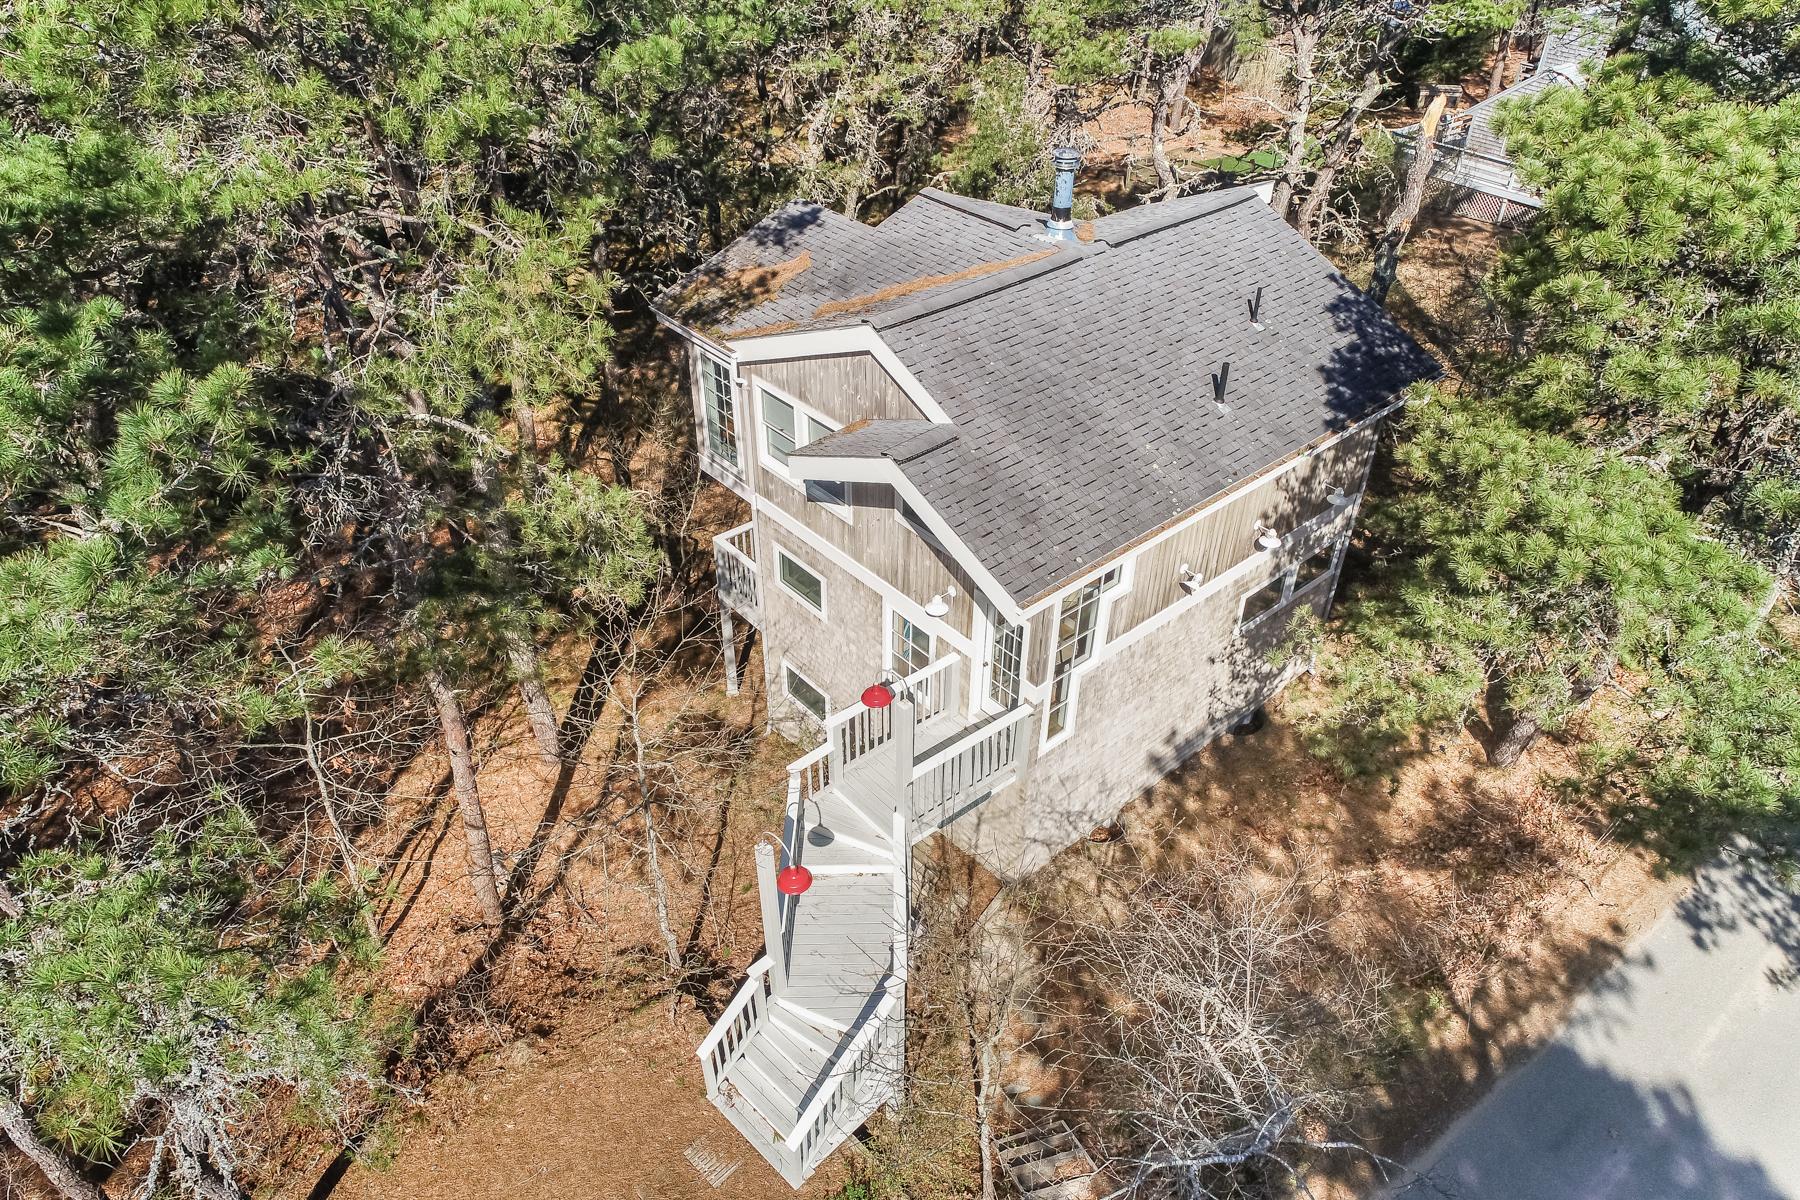 Single Family Homes για την Πώληση στο 70 King Phillip Road, Wellfleet Wellfleet, Μασαχουσετη 02667 Ηνωμένες Πολιτείες